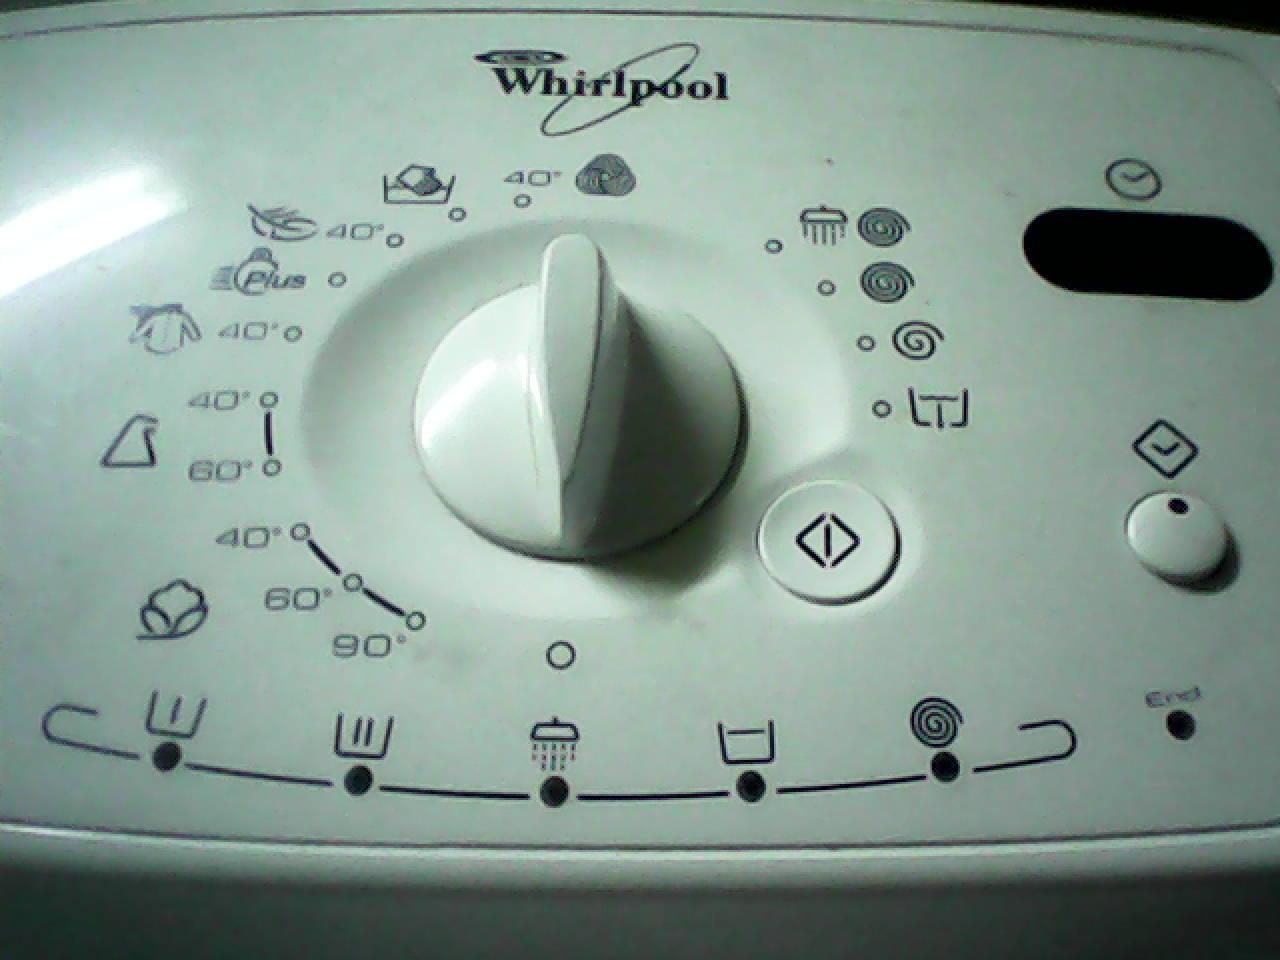 Whirlpool awe 2221 ремонт своими руками 15